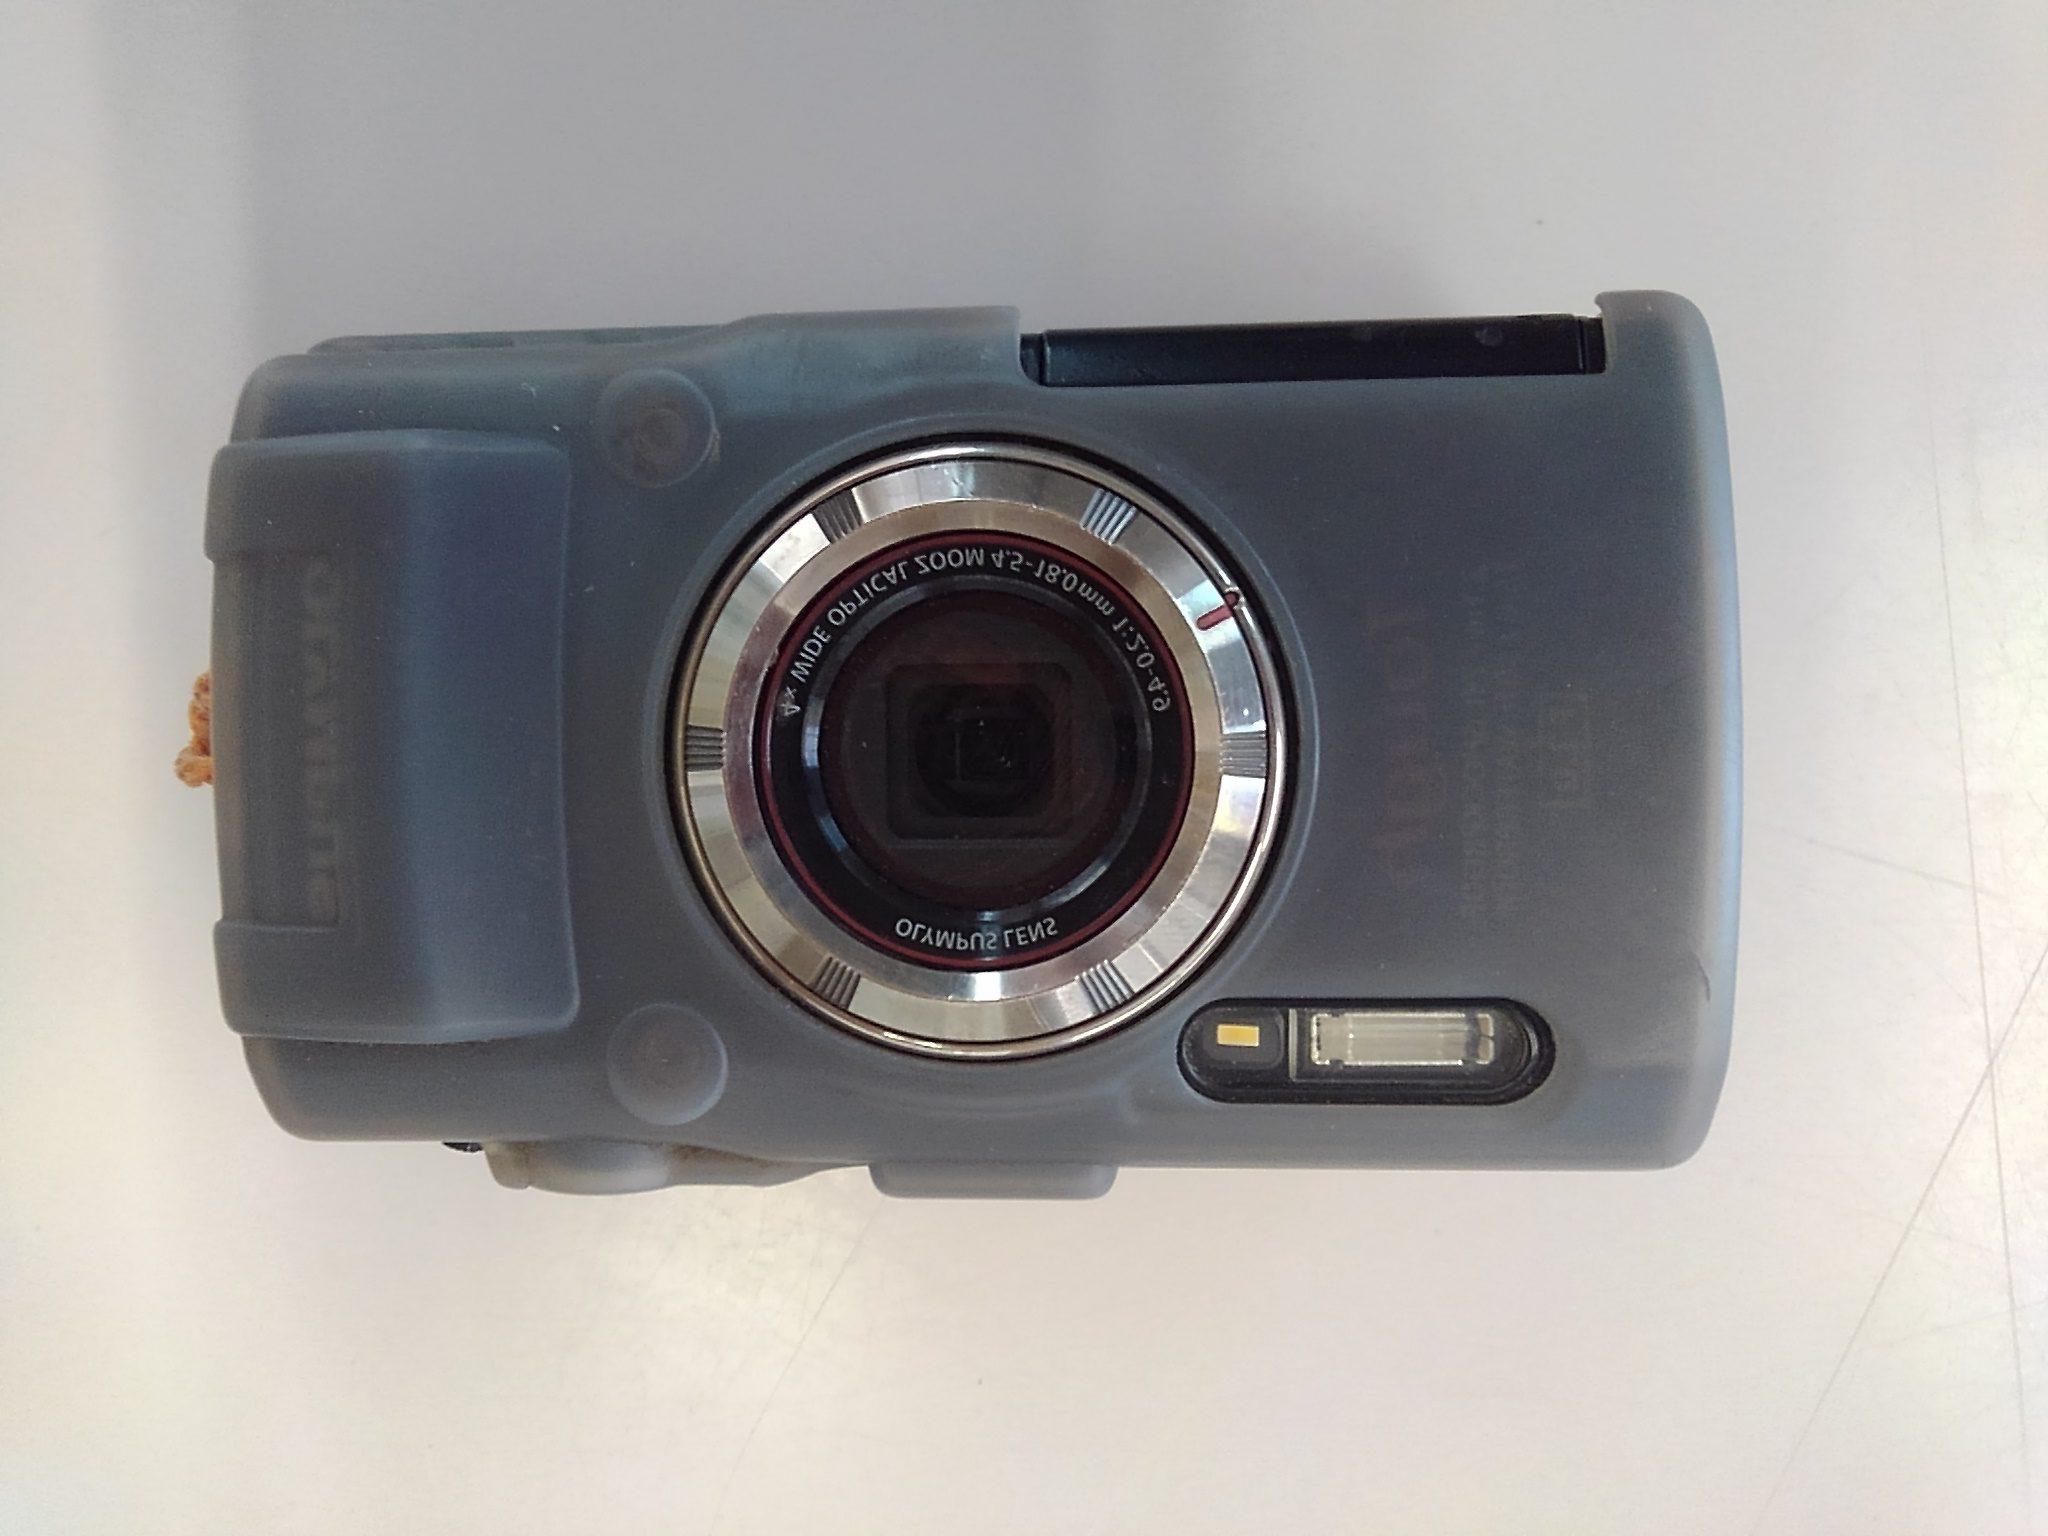 現場監督のCALSカメラ選び工事用デジカメのオリンパスとリコーを比較